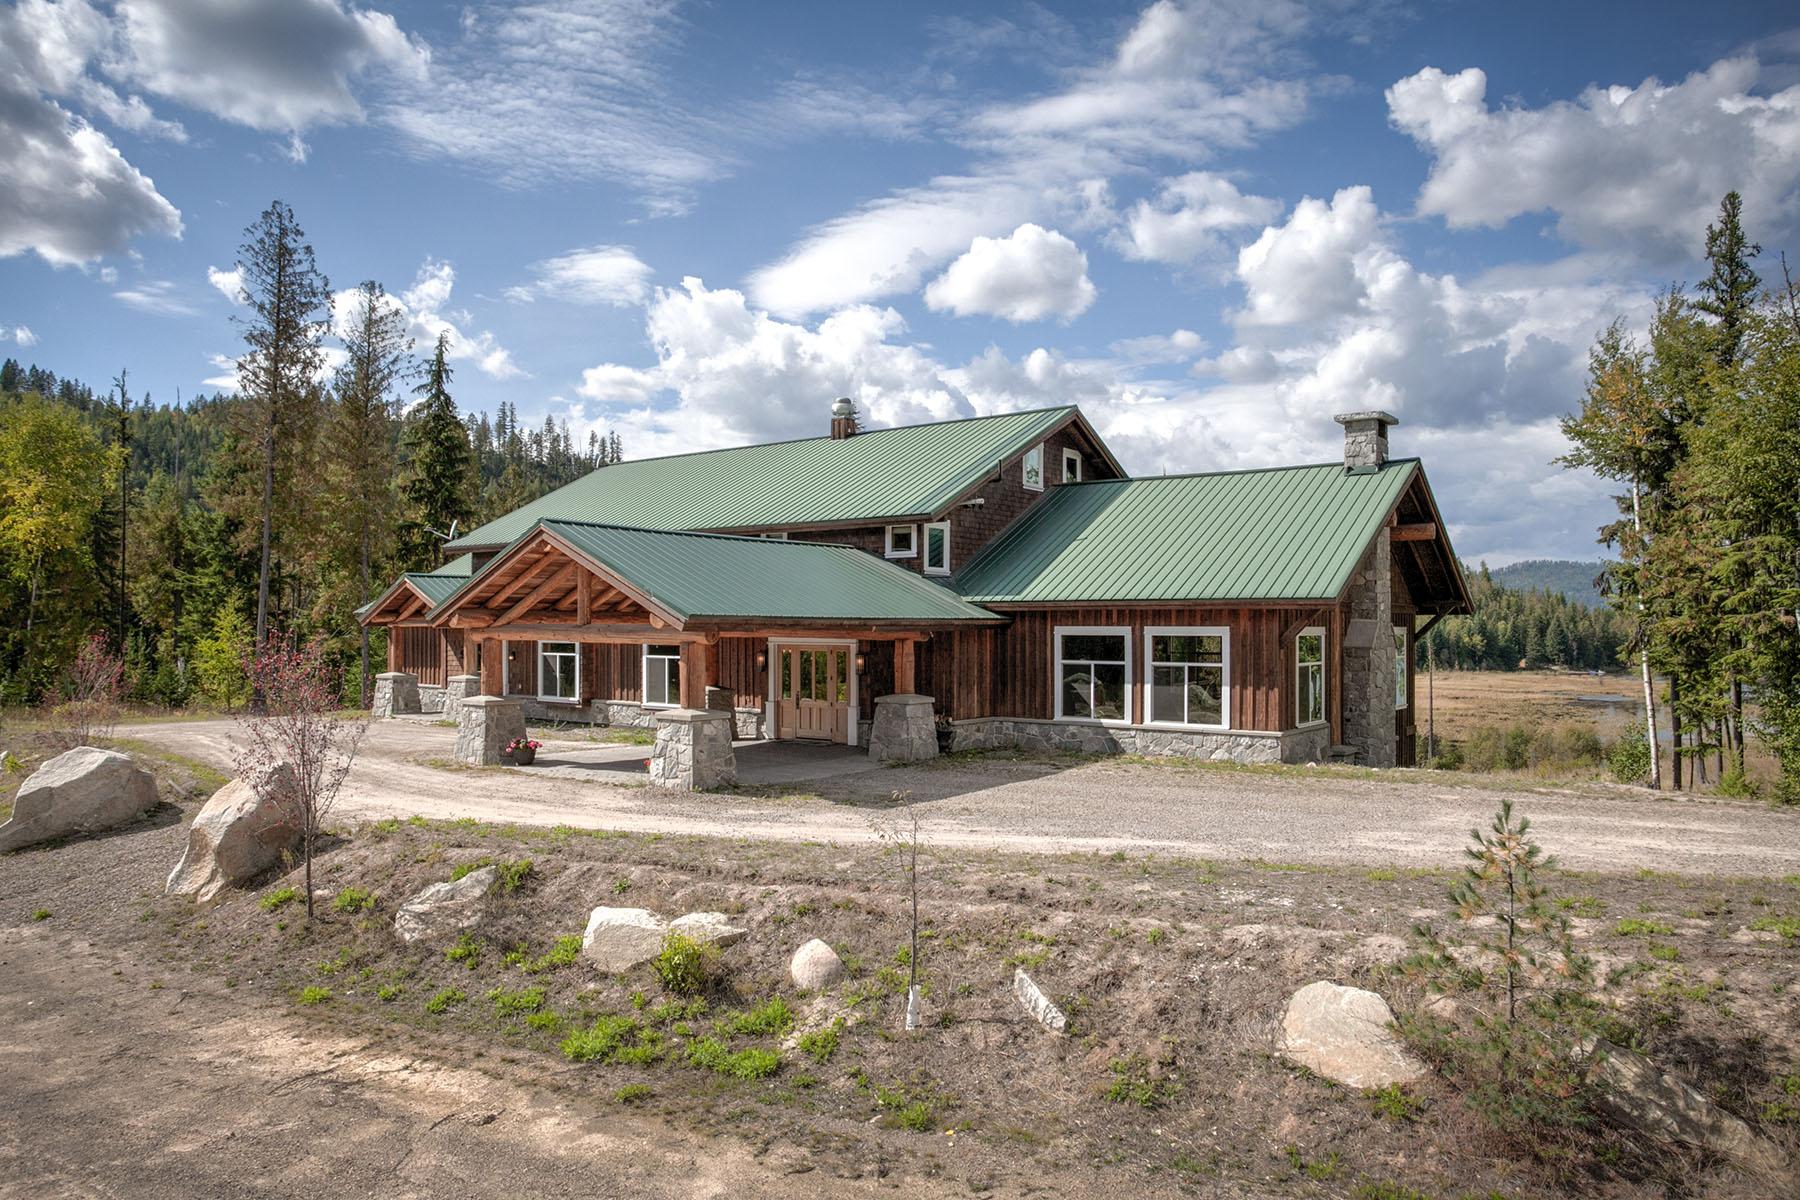 Casa Unifamiliar por un Venta en Magnificent Lodge Home Estate 1834 Lost Creek Rd. Coolin, Idaho 83821 Estados Unidos